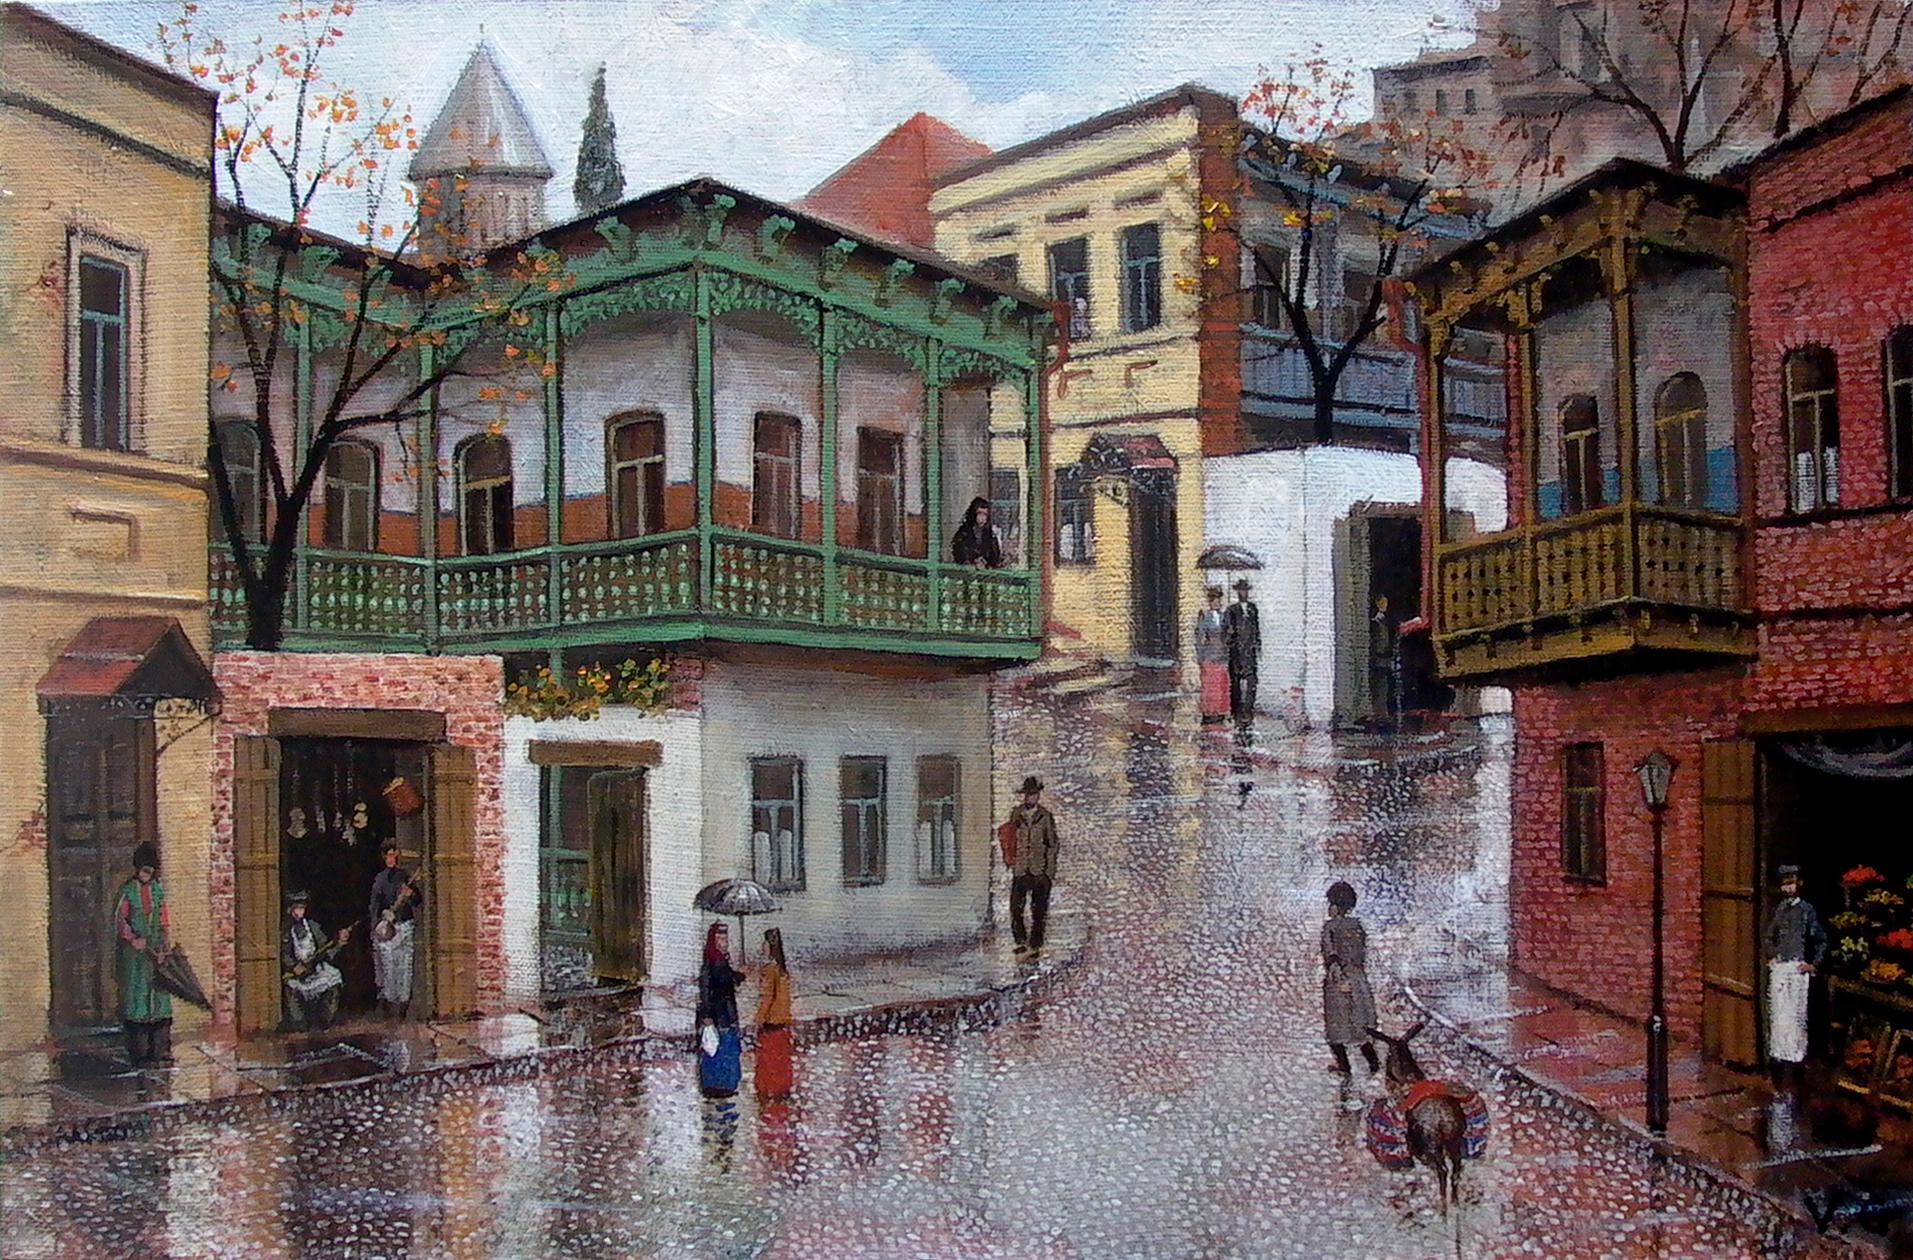 Арт грузинского художника Нико Пиросмани: Тбилиси